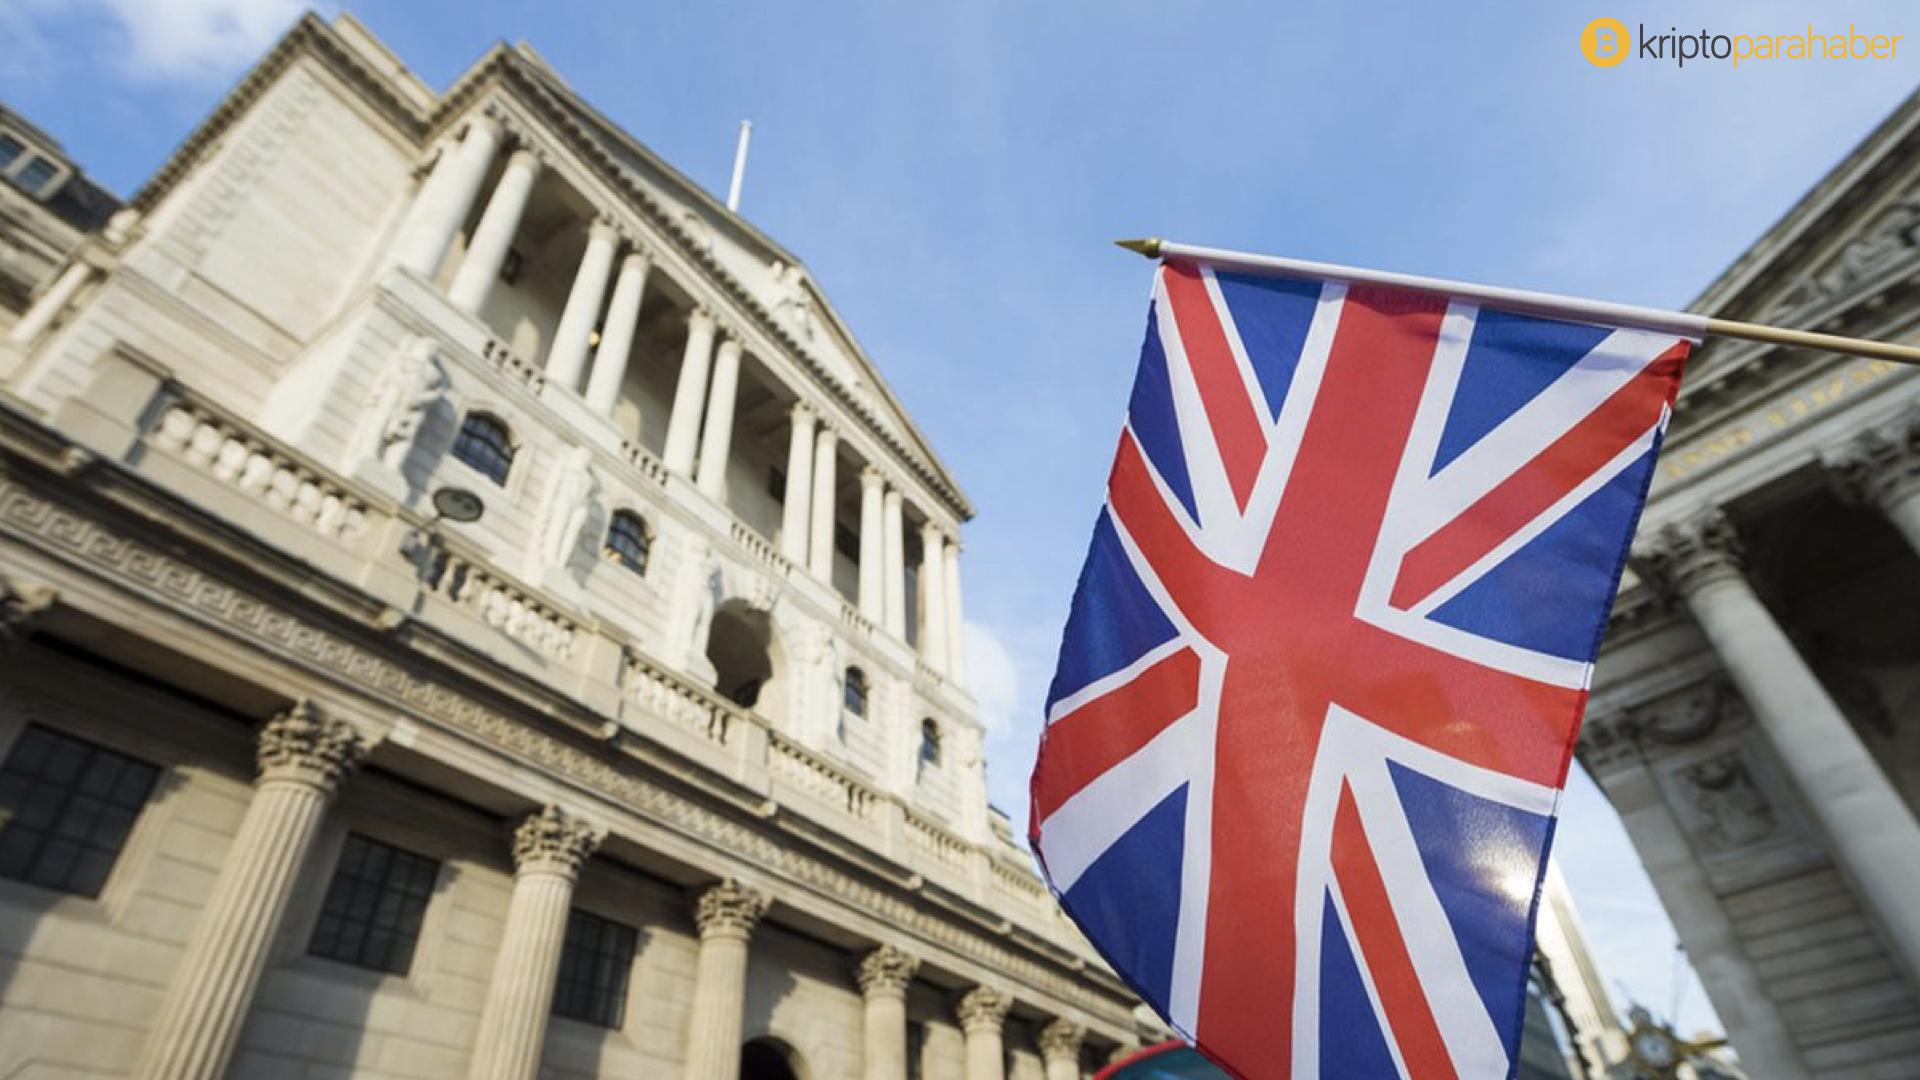 İngilizler arasında kripto para eğilimi yükselişte ancak bilgi düzeyi düştü